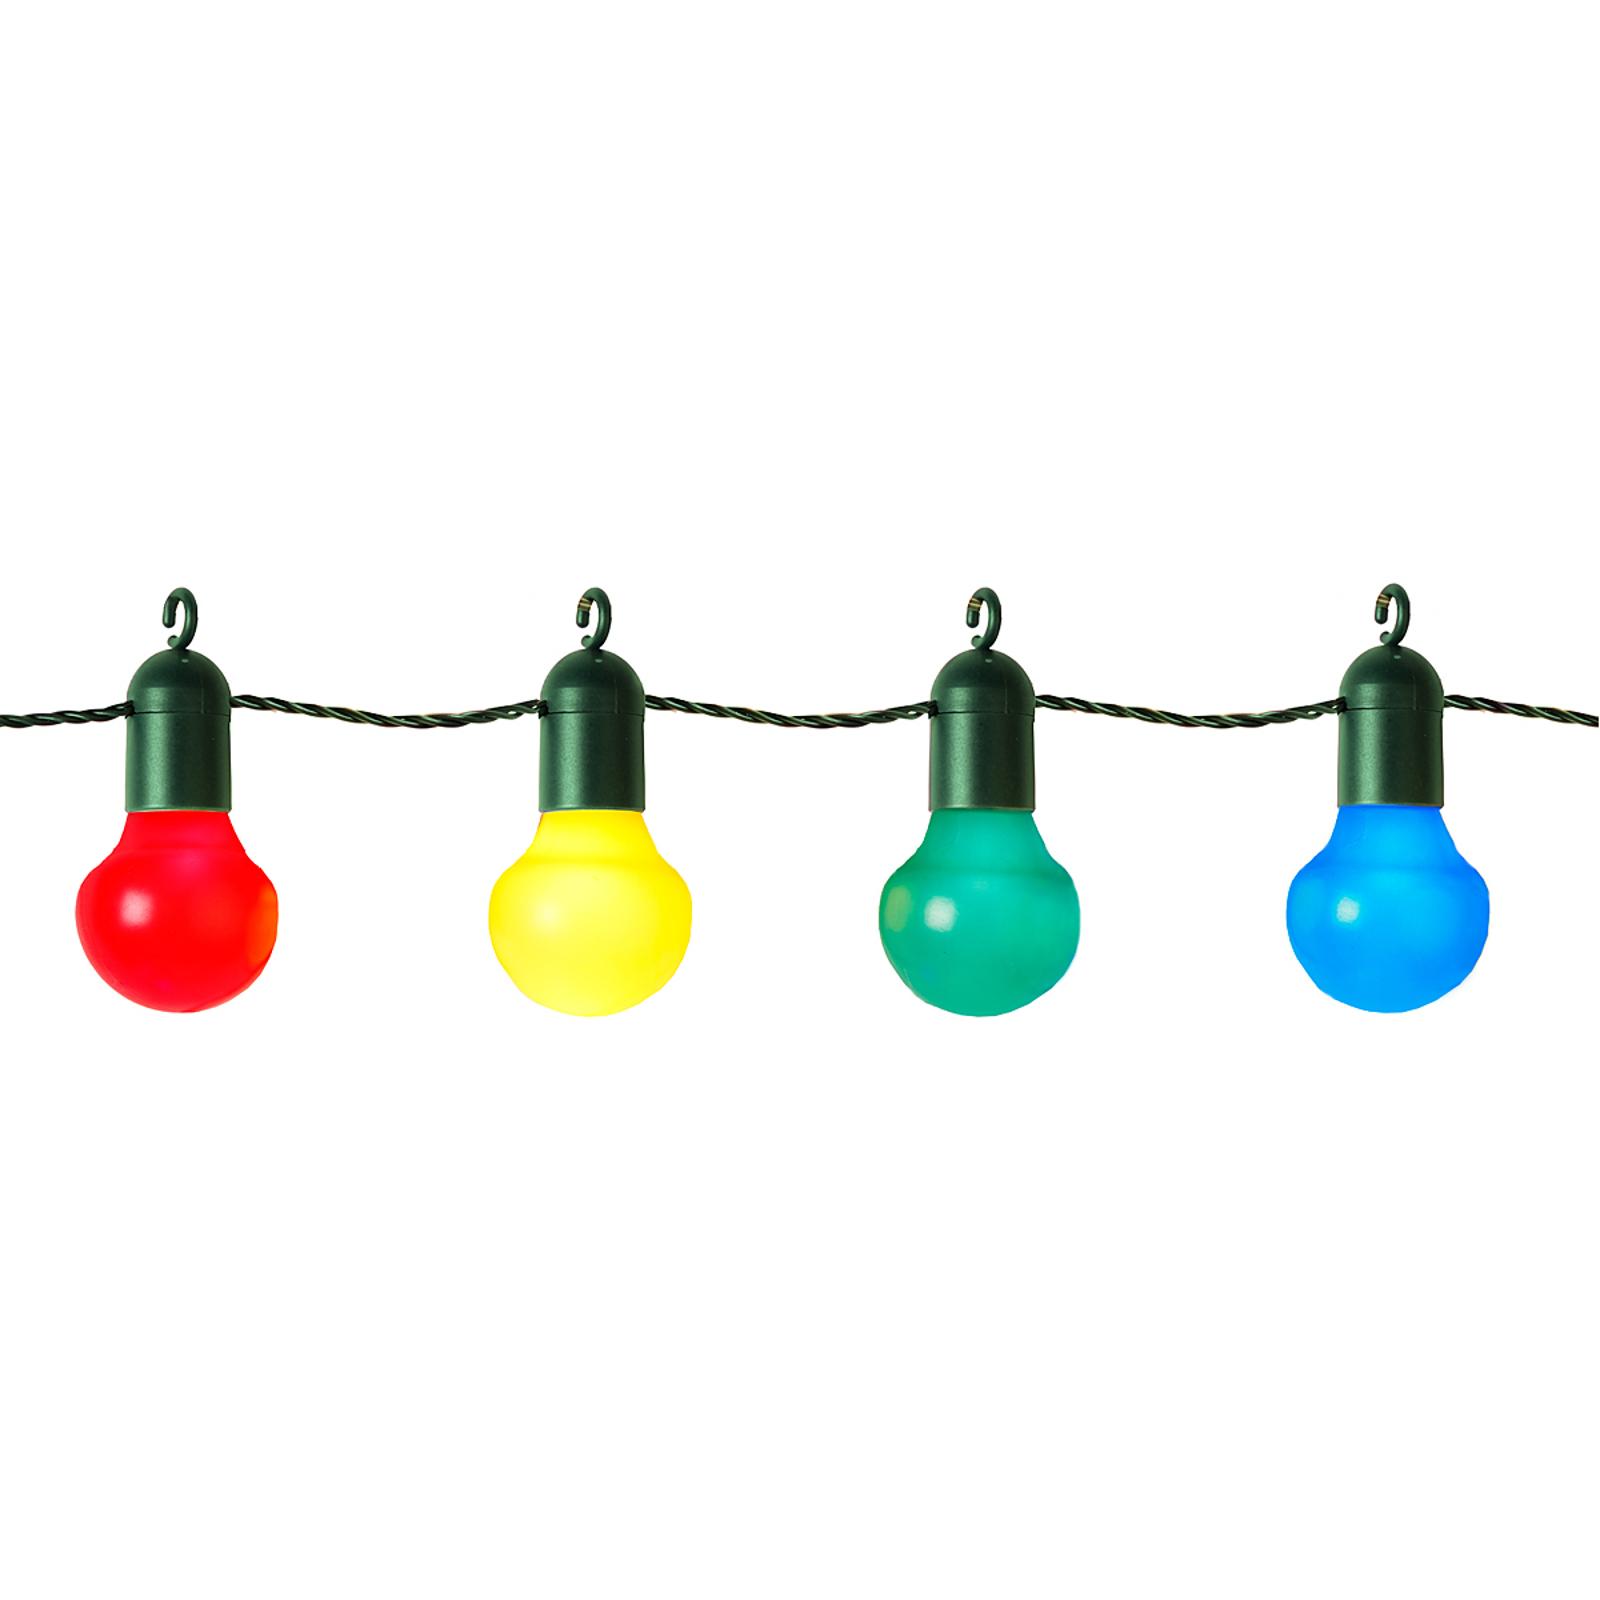 LED-juhlavalosarja Elin, värikäs, 20 polttimoa